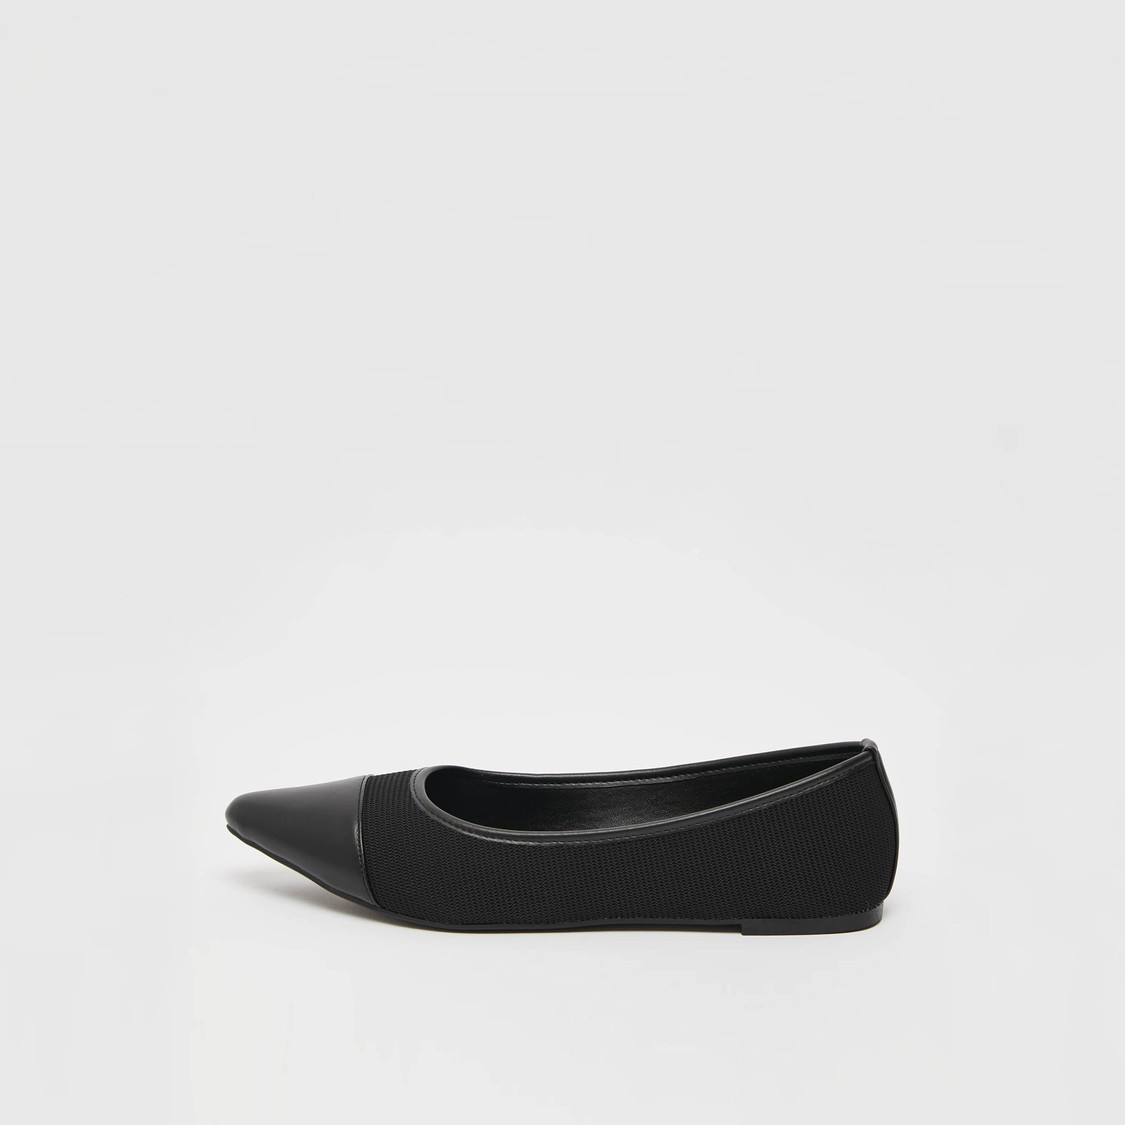 حذاء باليرينا بارز الملمس وسهل الارتداء بمقدمة مدببة